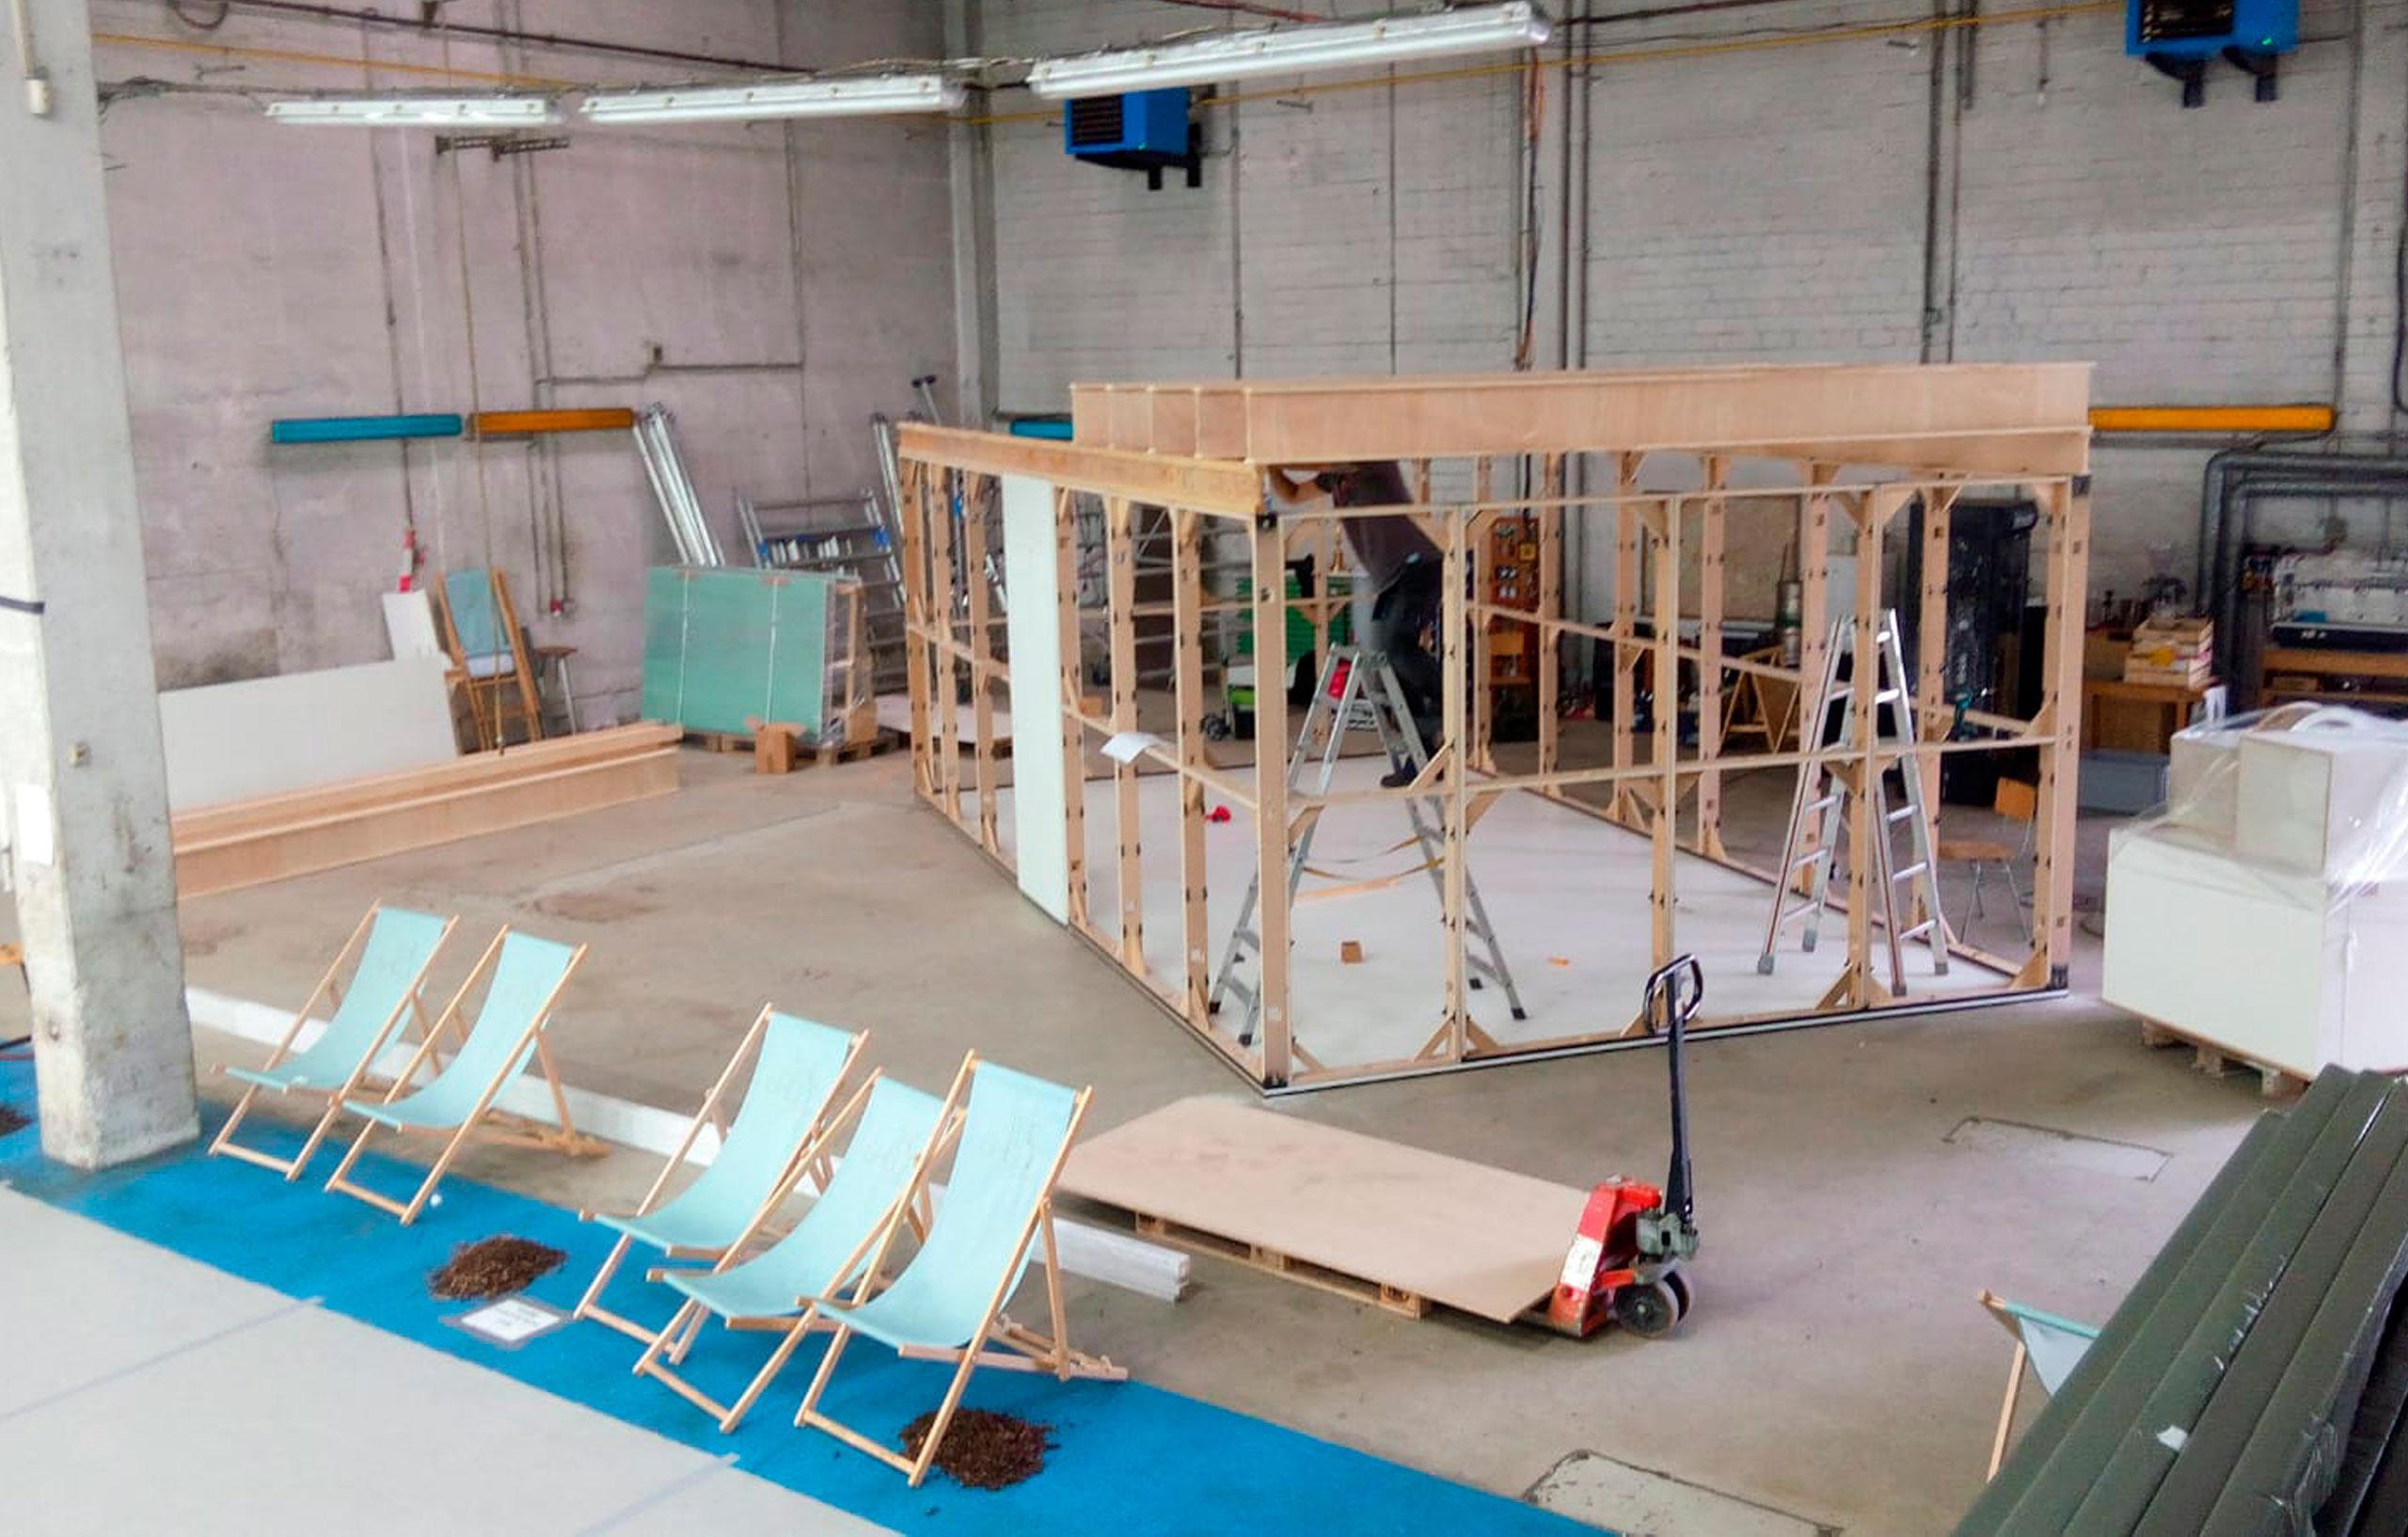 Messebau für Nike Location. Ein Raum im Raum wird gebaut, davor stehen Liegestühle.